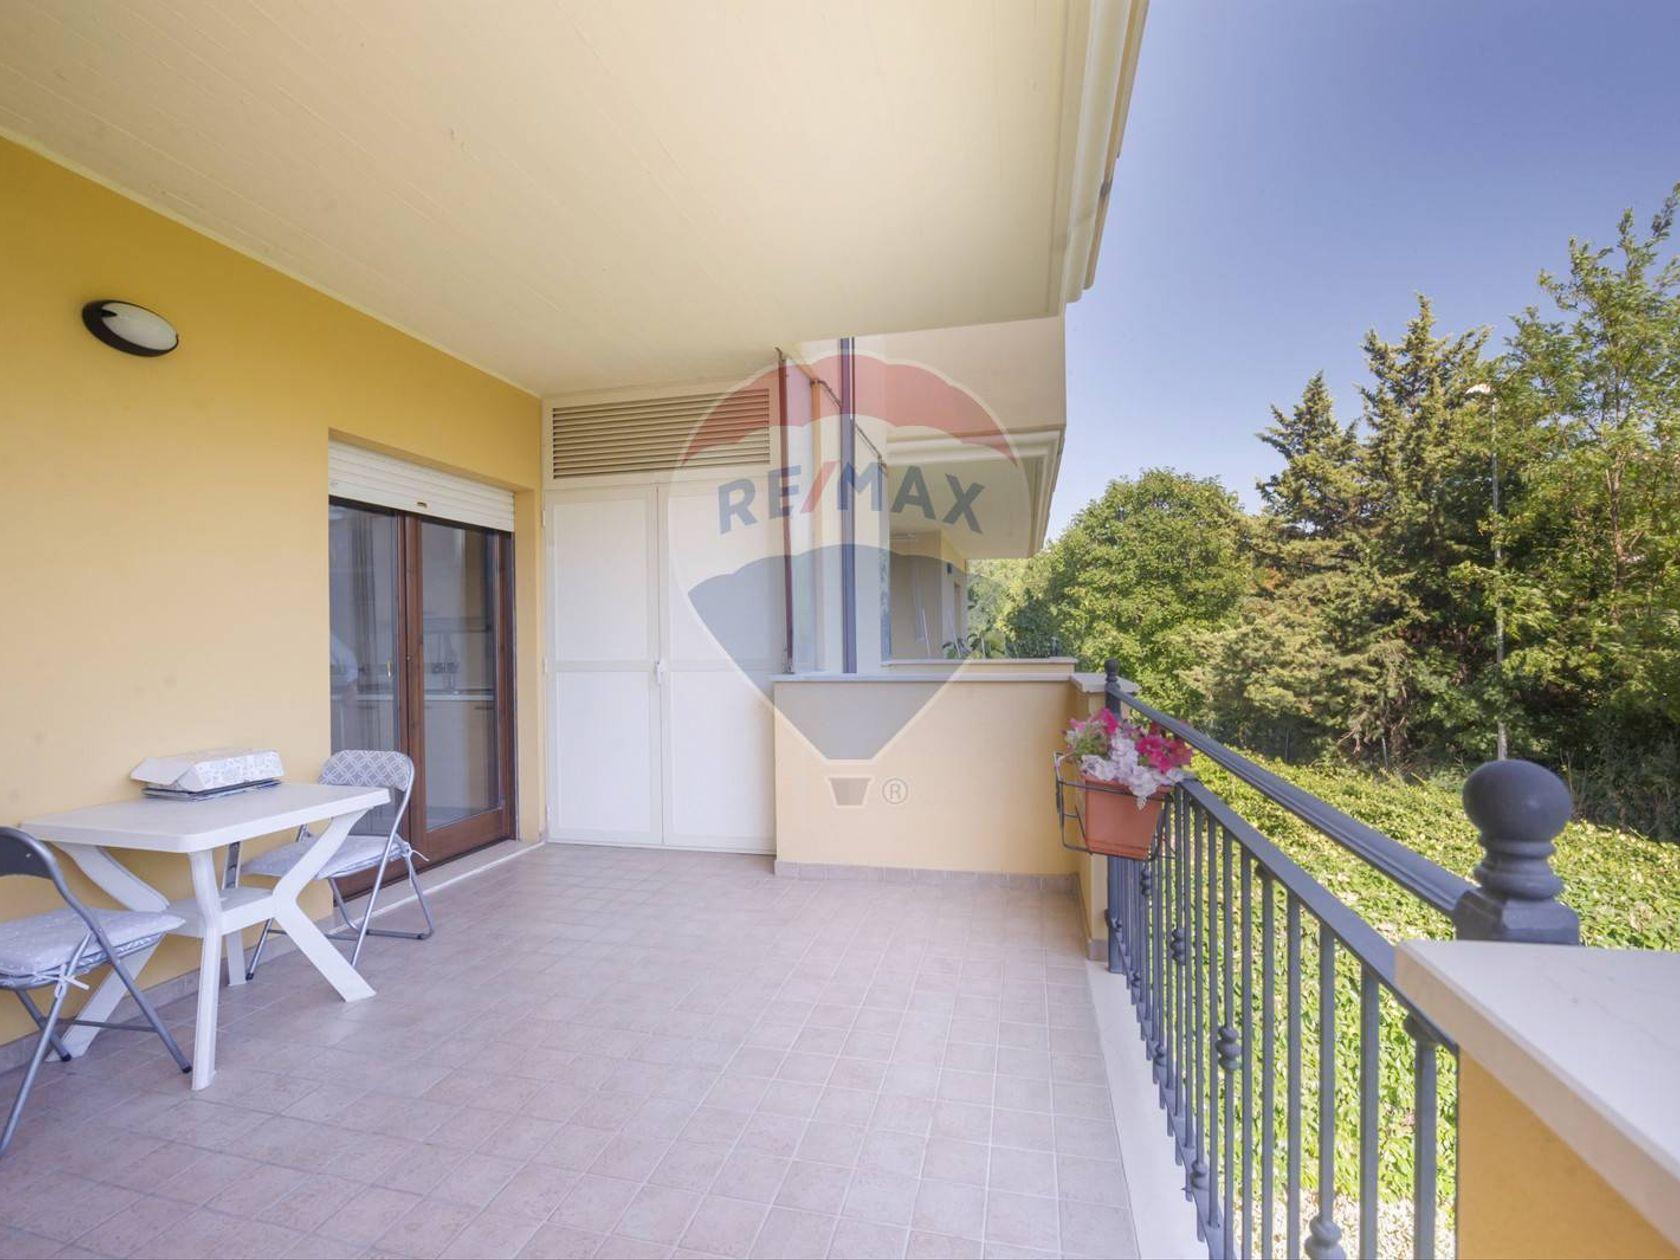 Appartamento Madonna delle Piane, Chieti, CH Vendita - Foto 11